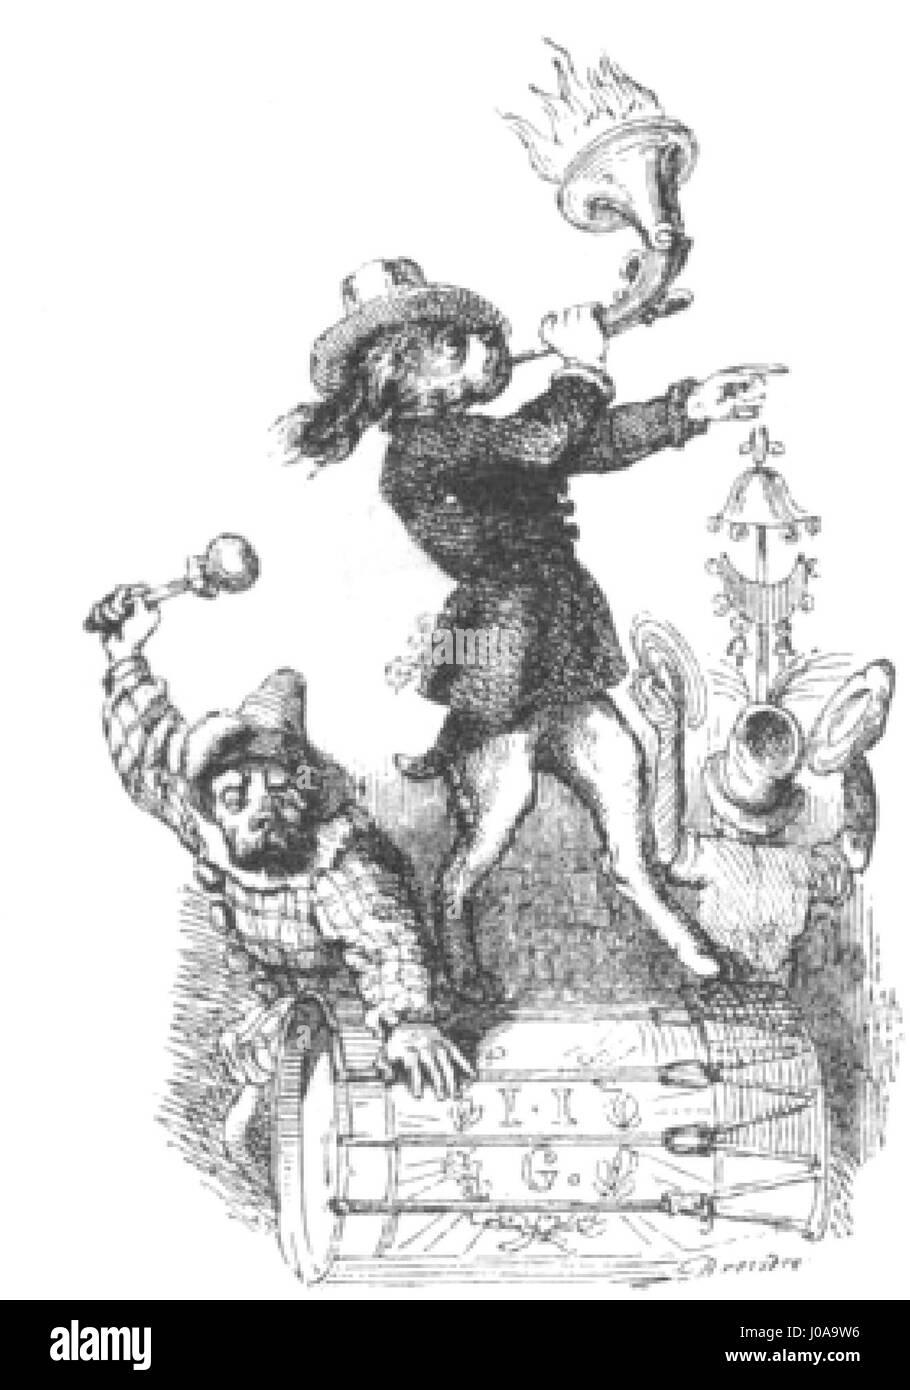 Scènes de la vie privée et publique des animaux, tome 1 0017 - Stock Image